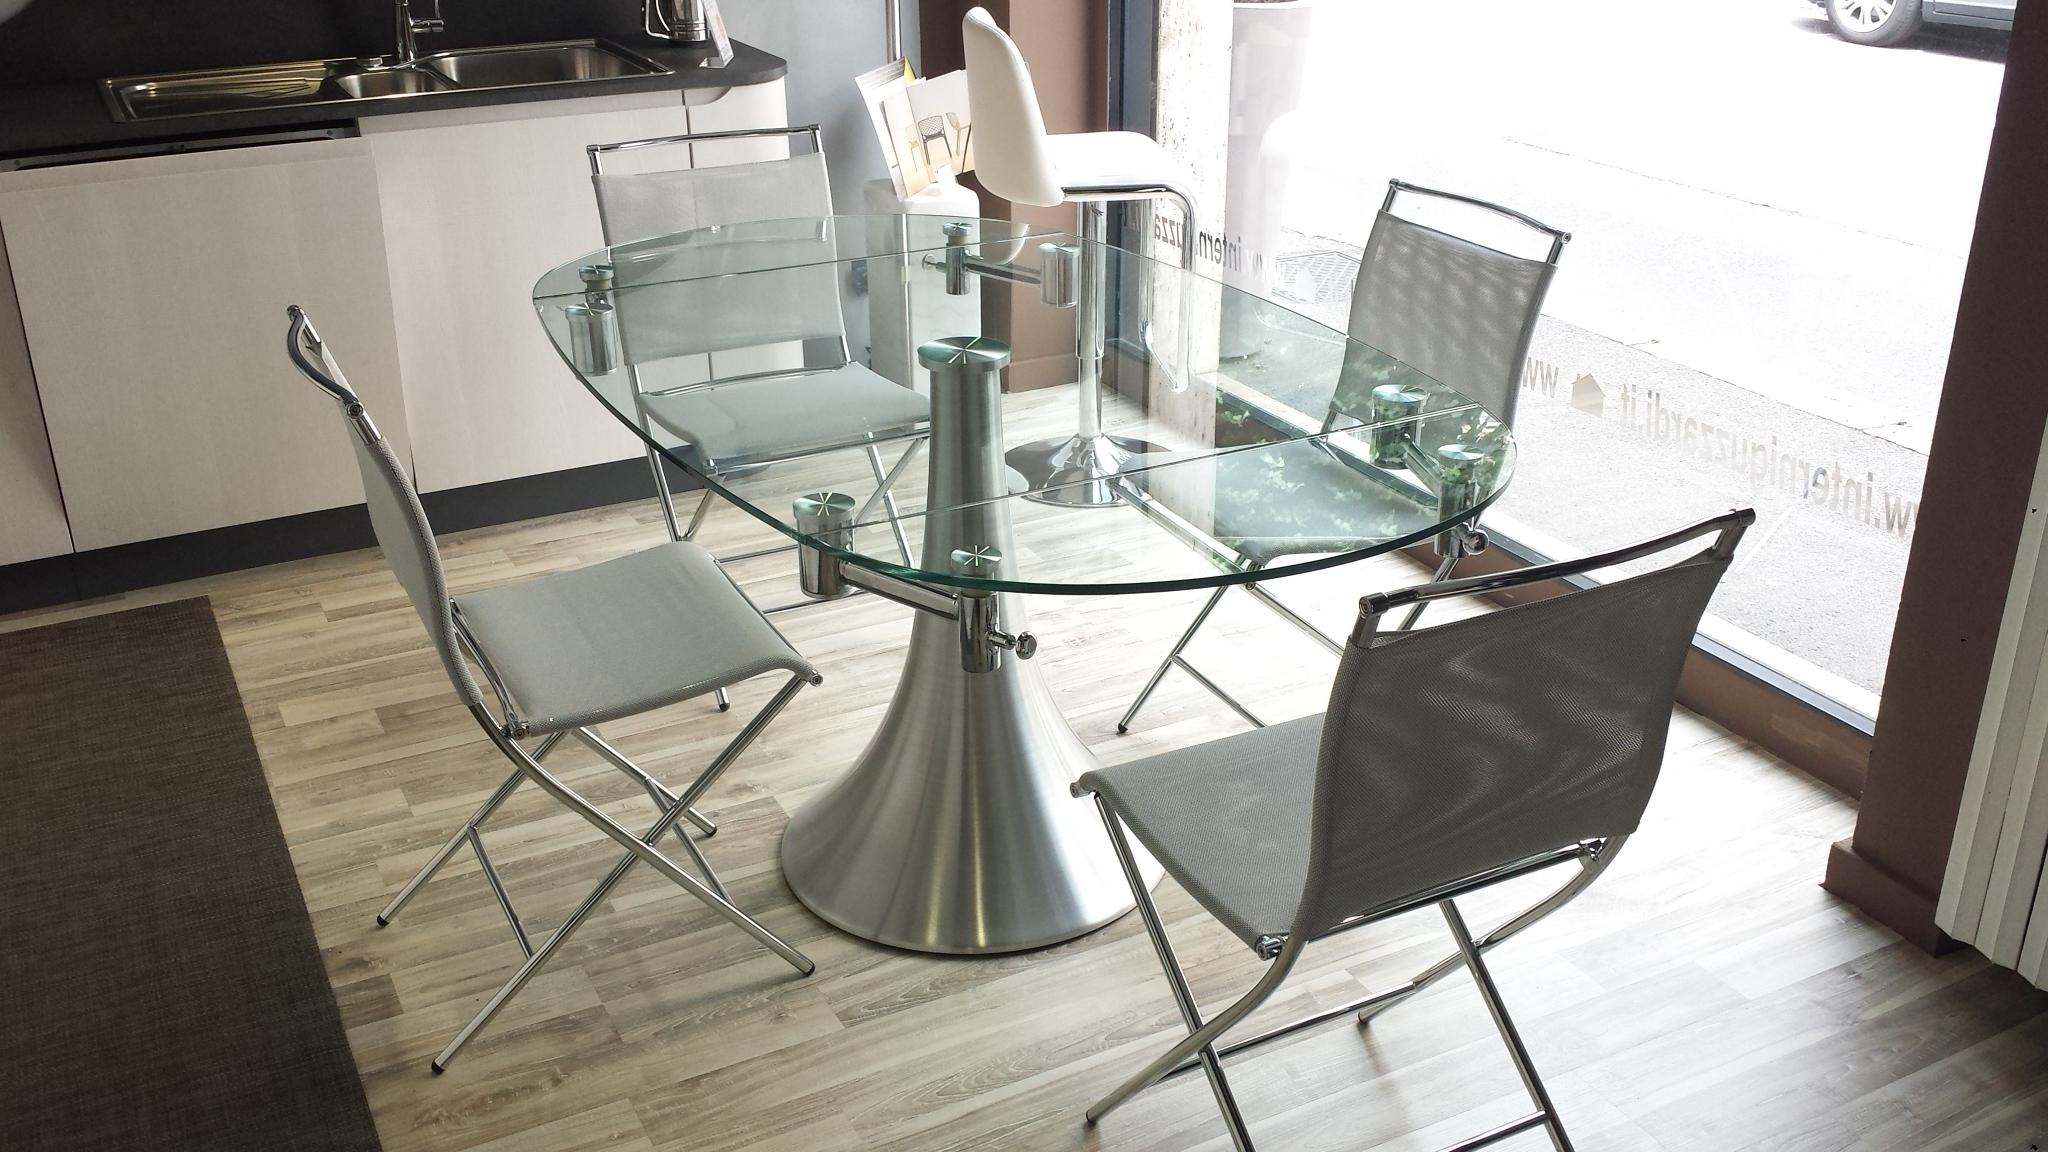 Pozzoli tavolo flute rotondo allungabile vetro tavoli a prezzi scontati - Seggiolini da tavolo prezzi ...